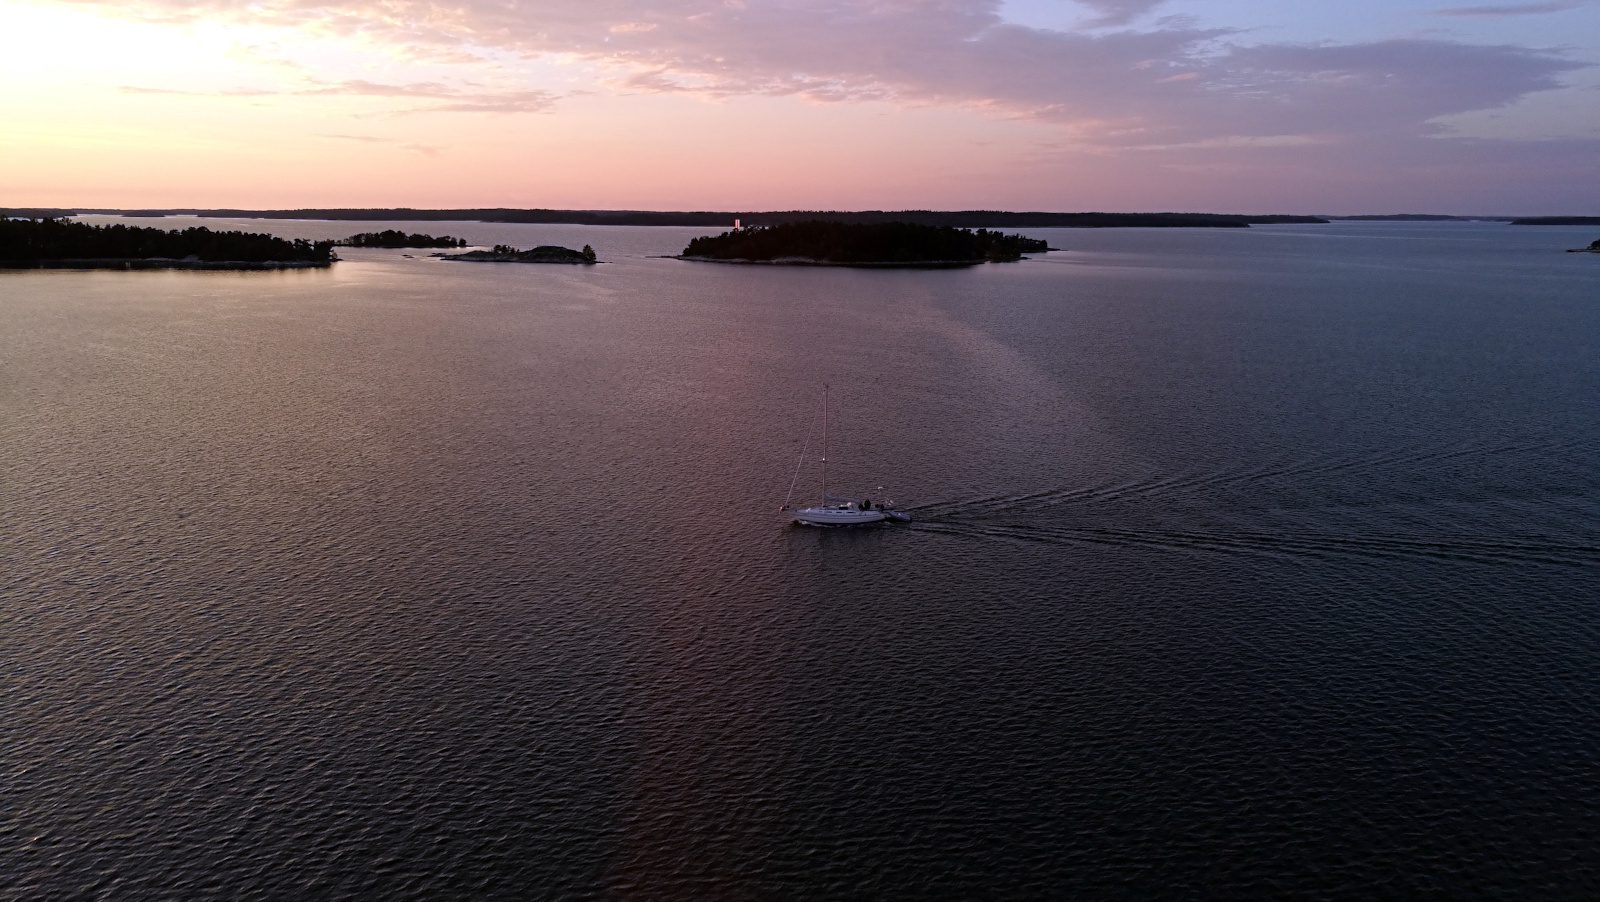 Naantalin saaristo ja luonto sekä aava meren ulappa iltaruskon aikaan, valkoinen purjevene..